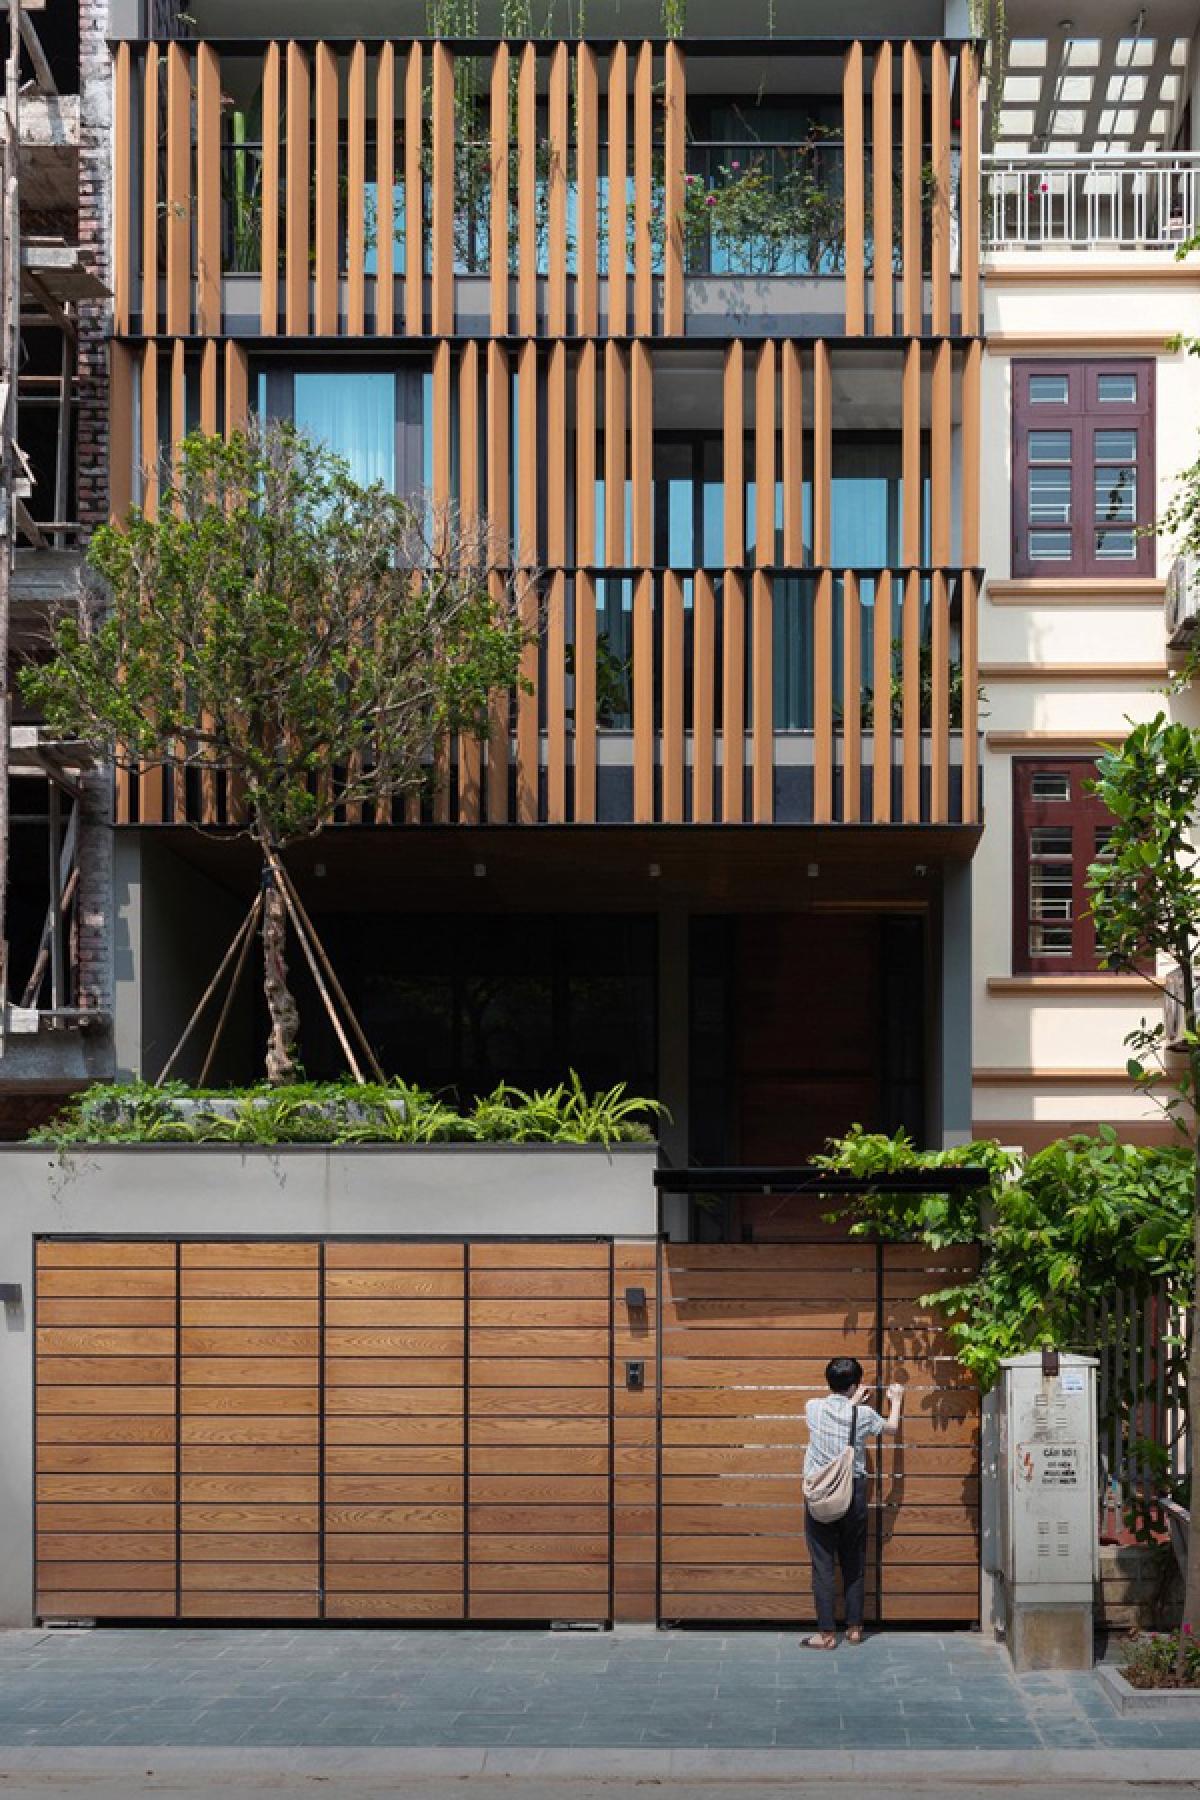 Công trình nằm ở quận Long Biên, Hà Nội, có cấu trúc của một ngôi nhà phố với hai mặt thoáng trước và sau. Các kiến trúc sư thiết kế đưa ra một hình ảnh ngôi nhà hiện đại mà vẫn gần gũi nhờ chất liệu gỗ ở hệ cổng và lam mặt tiền.